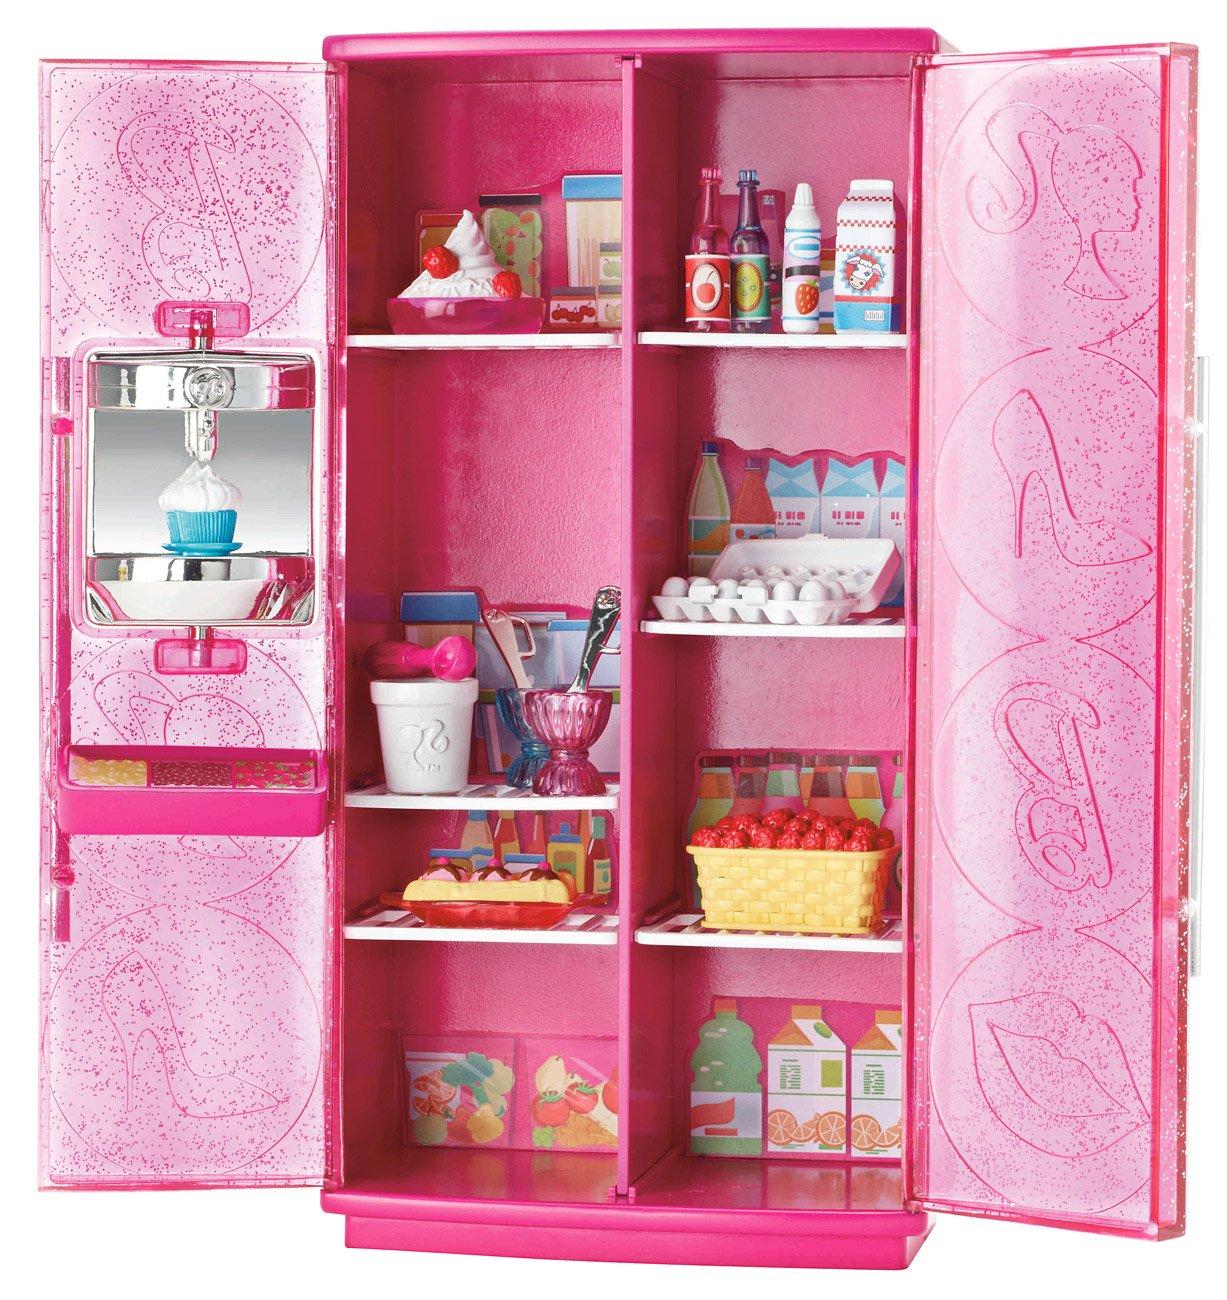 Erfreut Barbie Kühlschrank Galerie - Die Kinderzimmer Design Ideen ...